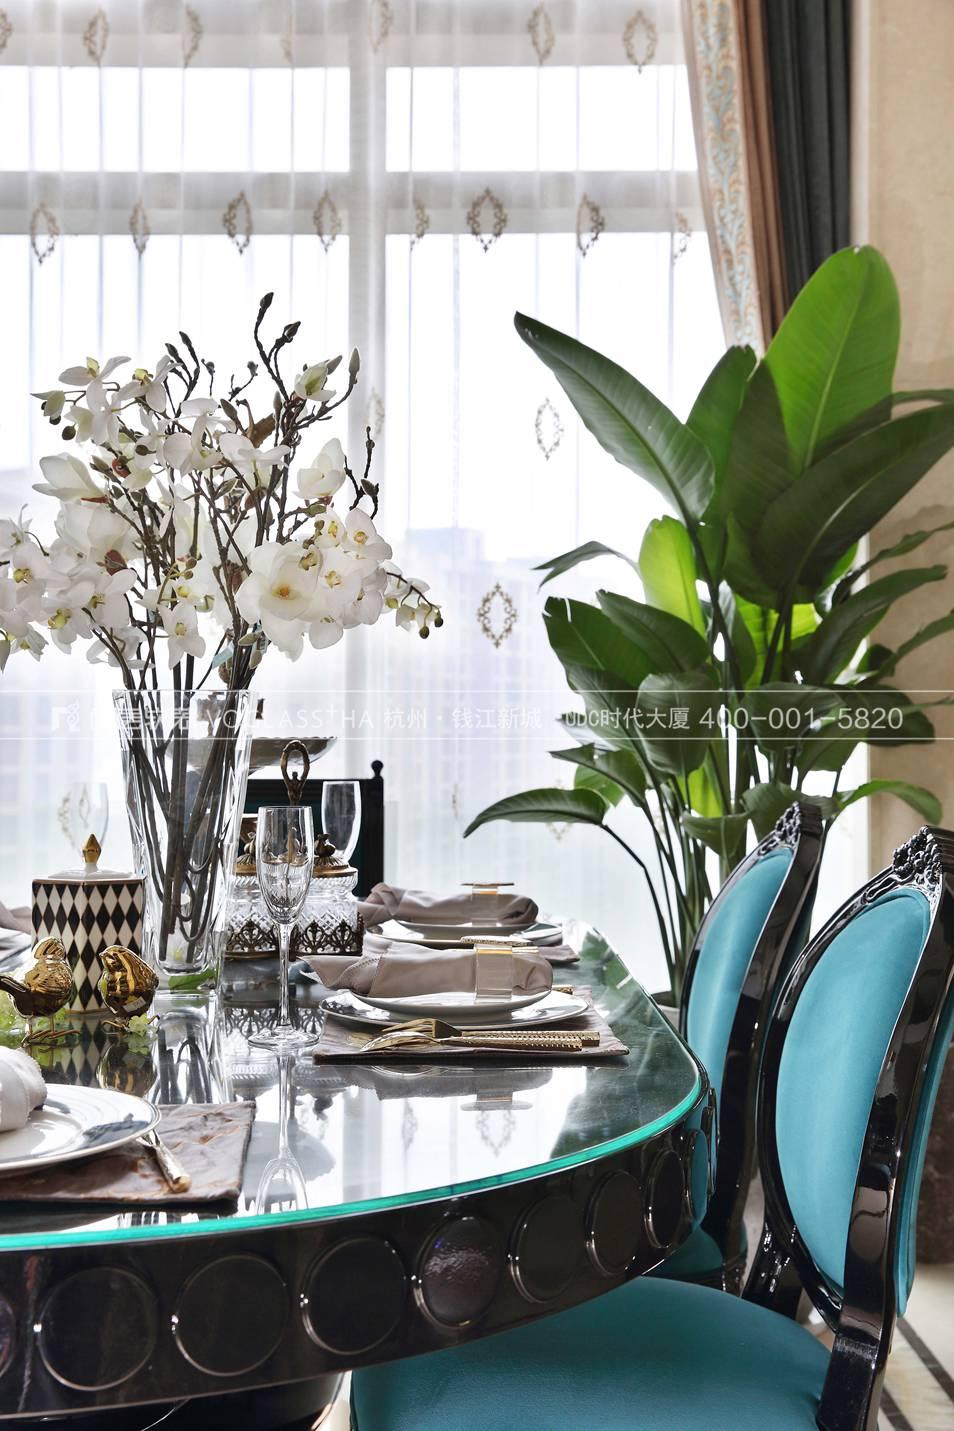 法式轻奢风格软装设计案例-餐厅实景图-尚层软装